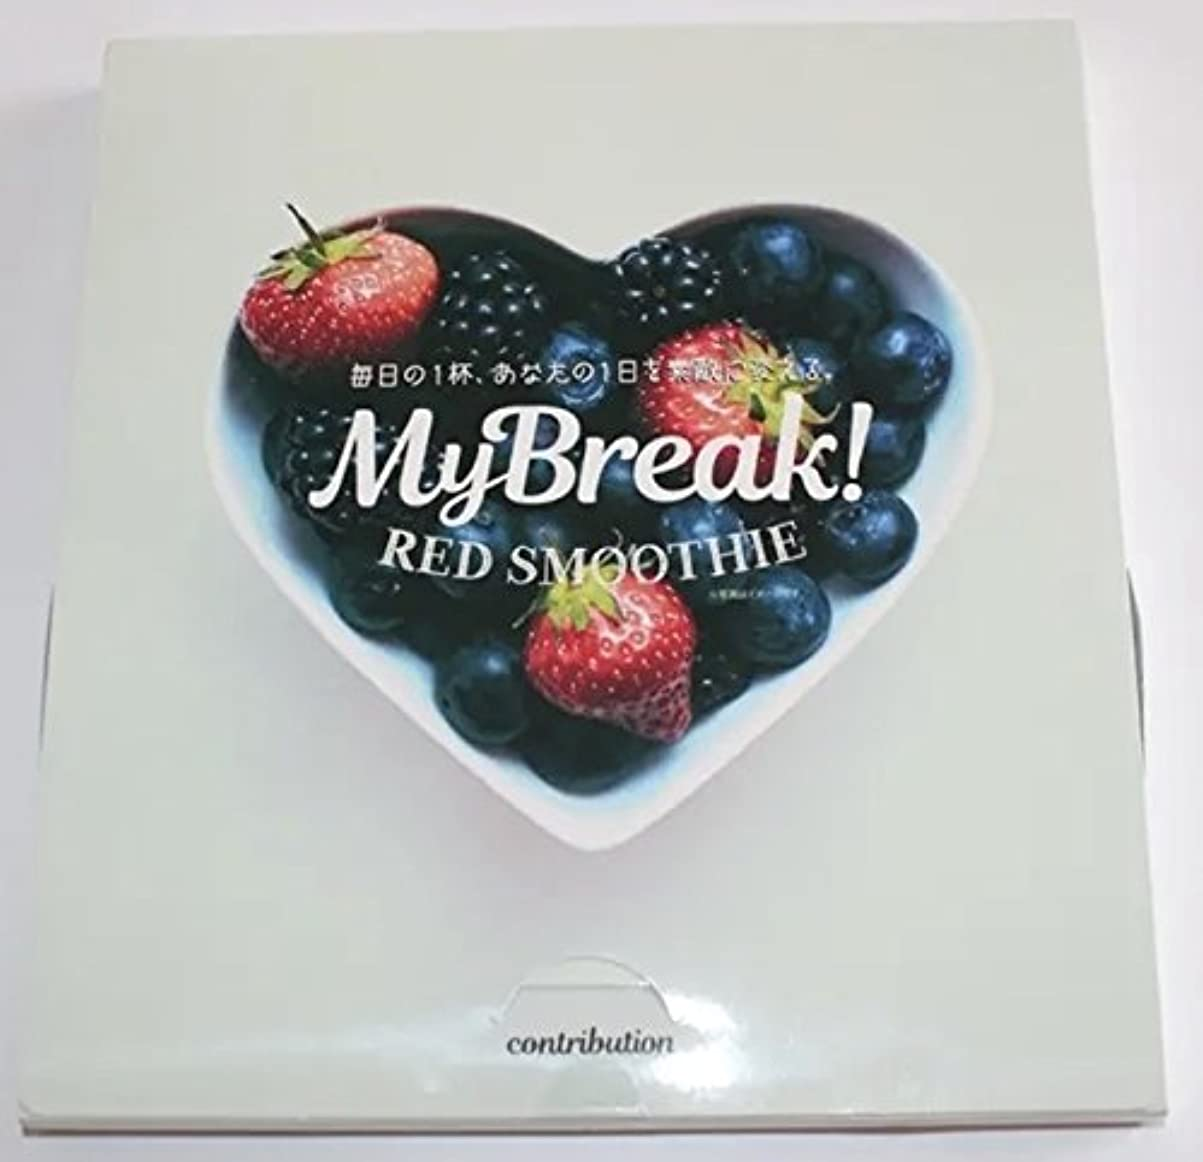 スプリットスティーブンソン変成器MyBreak! RED SMOOTHIE マイブレイク レッドスムージー 150g(1包5g×30包) [並行輸入品]